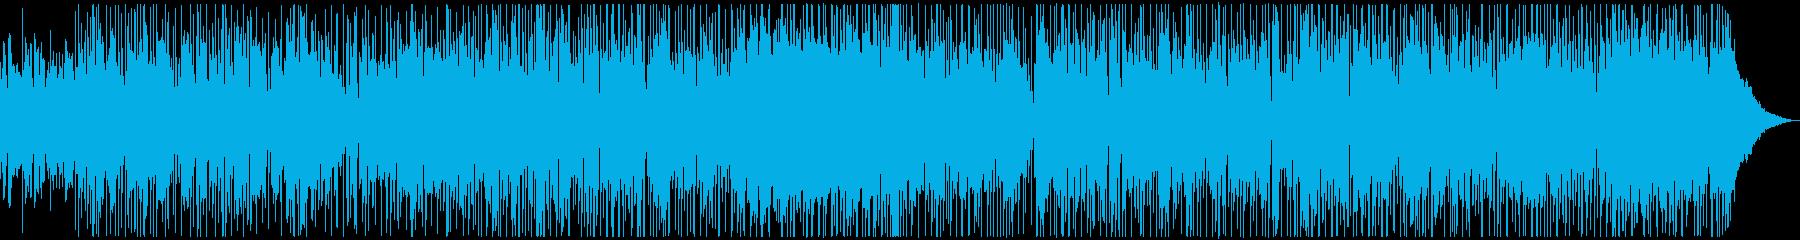 サックスの深夜帯CM風ロックの再生済みの波形